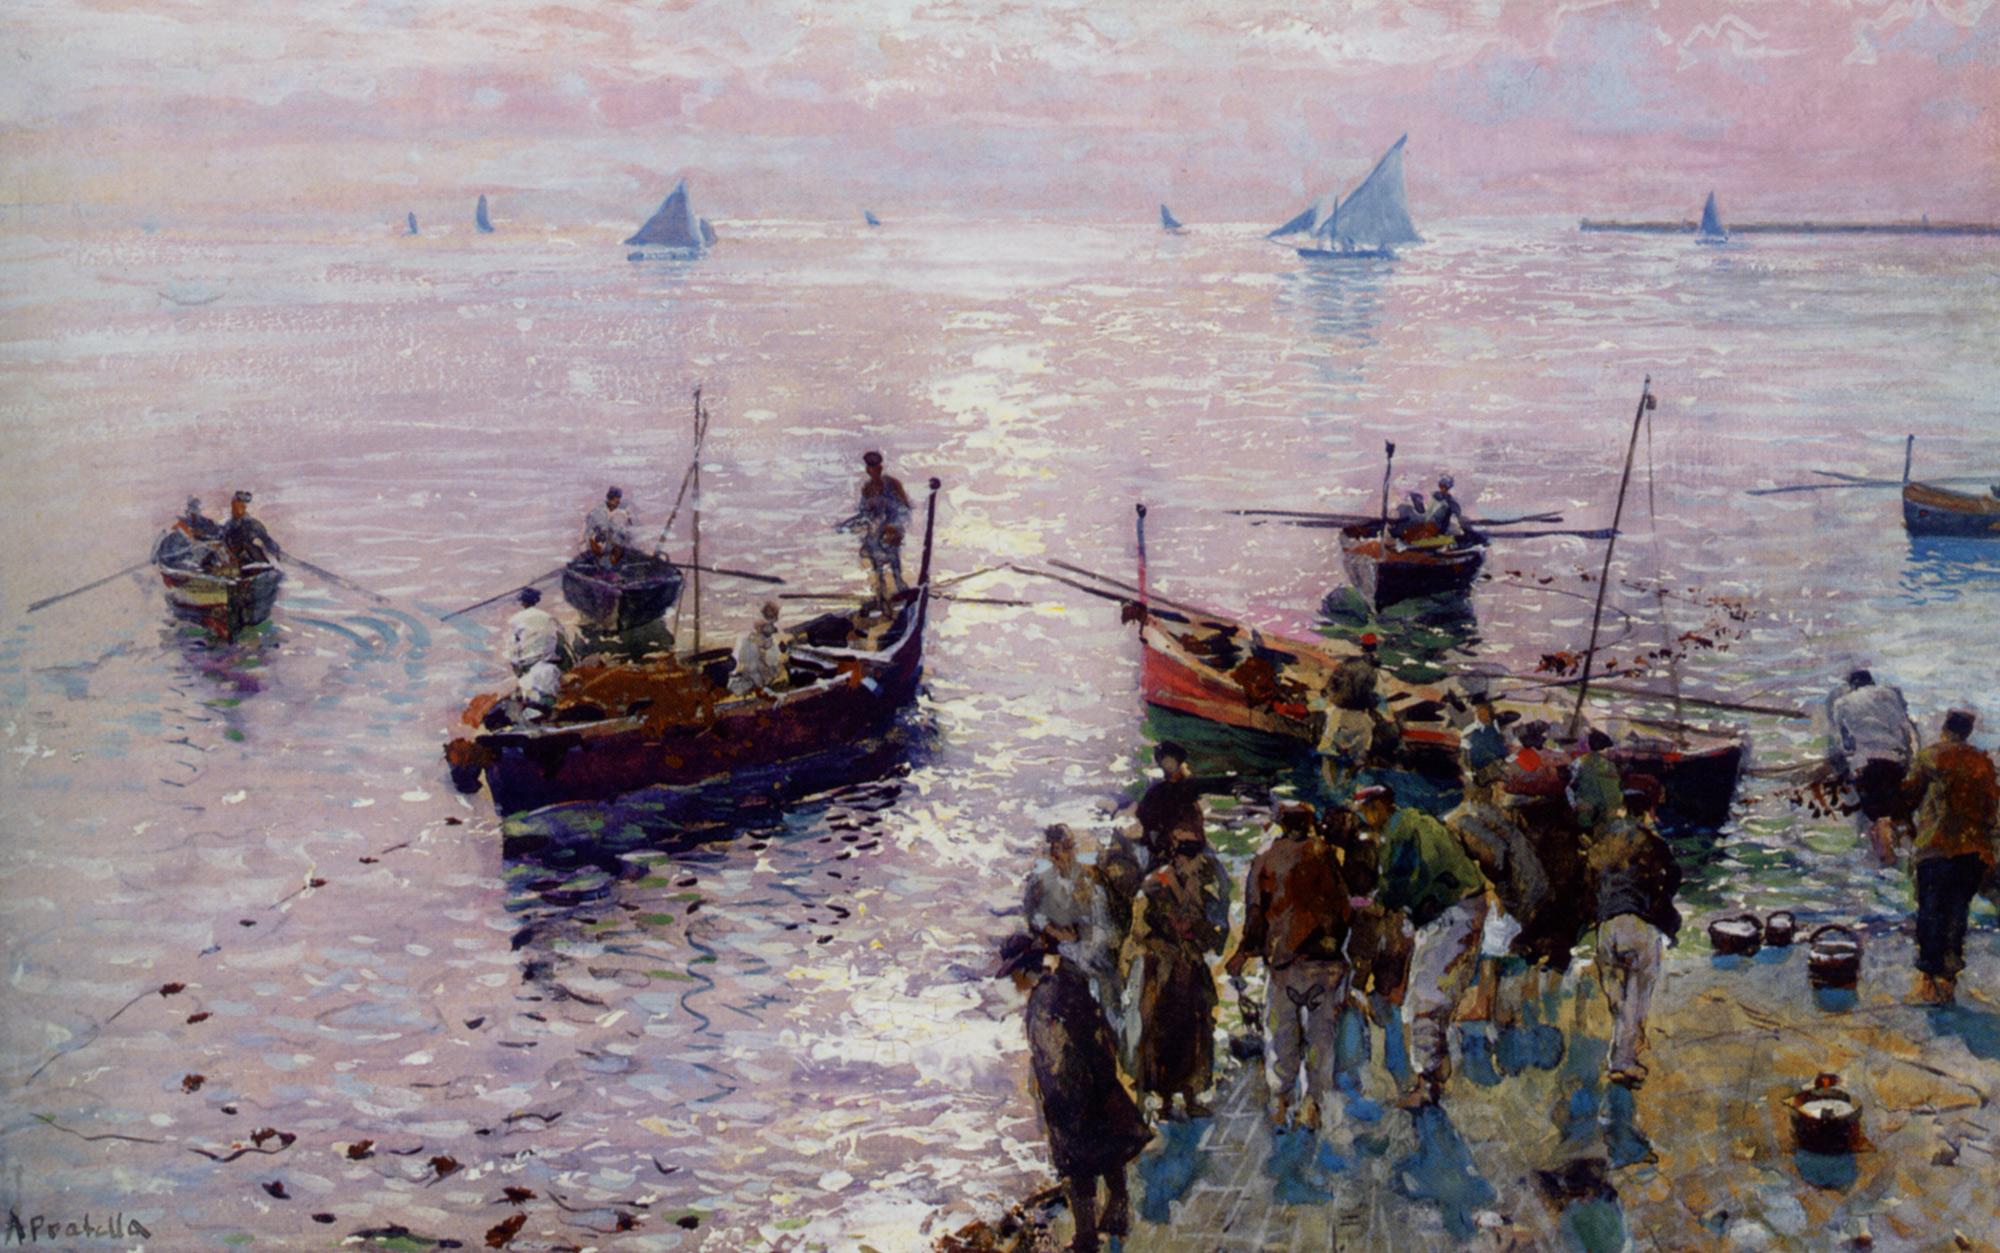 Loading The Boats at Dawn :: Attilio Pratella - Sea landscapes with boats ôîòî